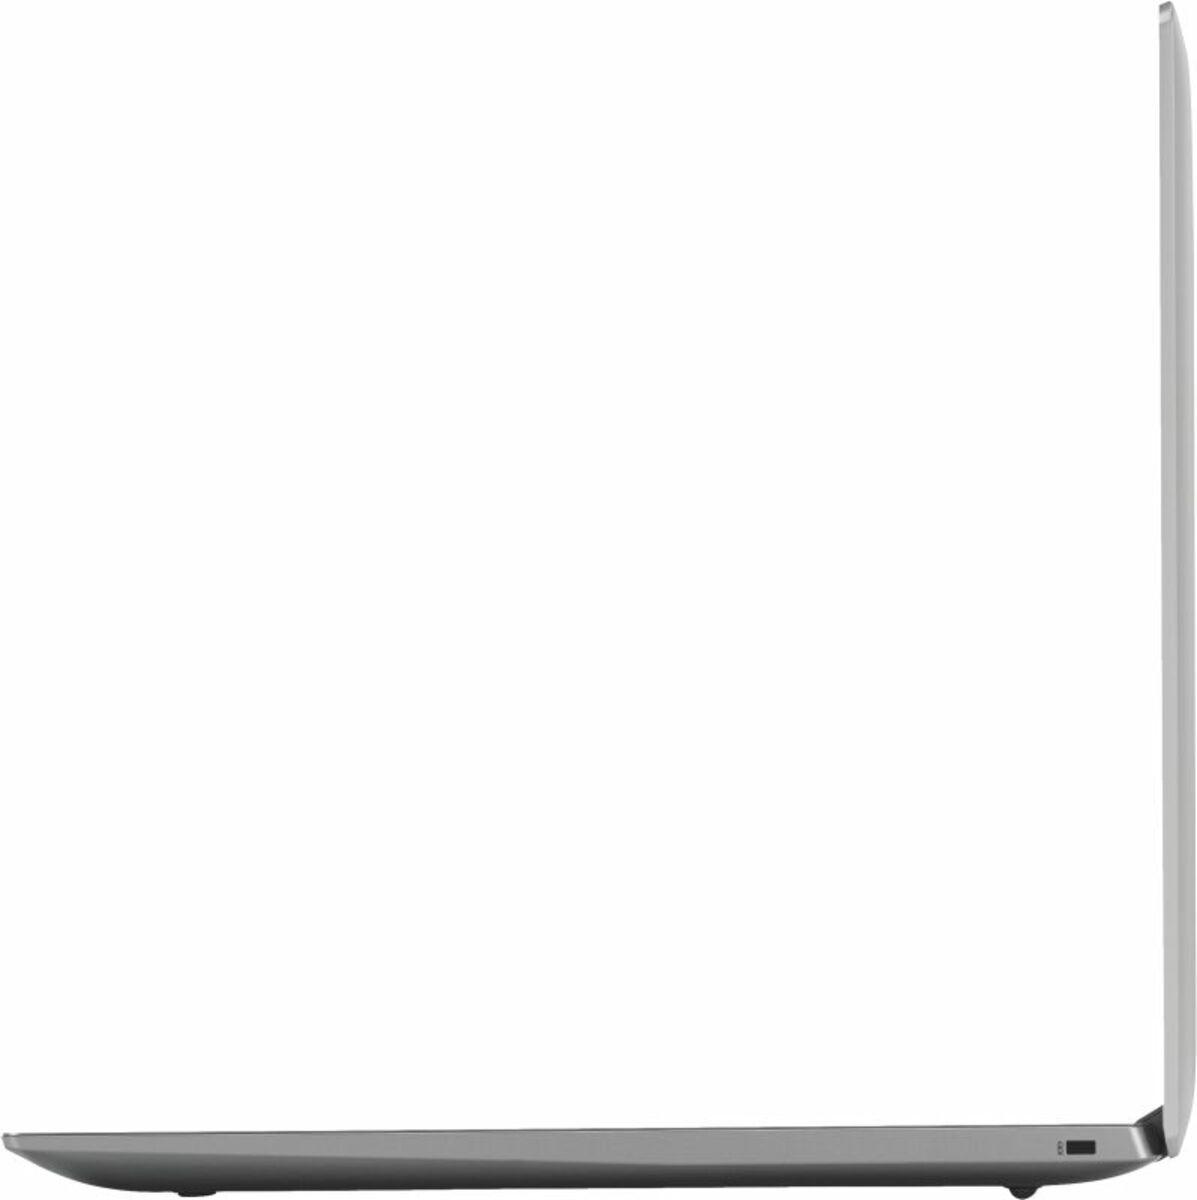 Bild 5 von Lenovo IdeaPad 330-17AST